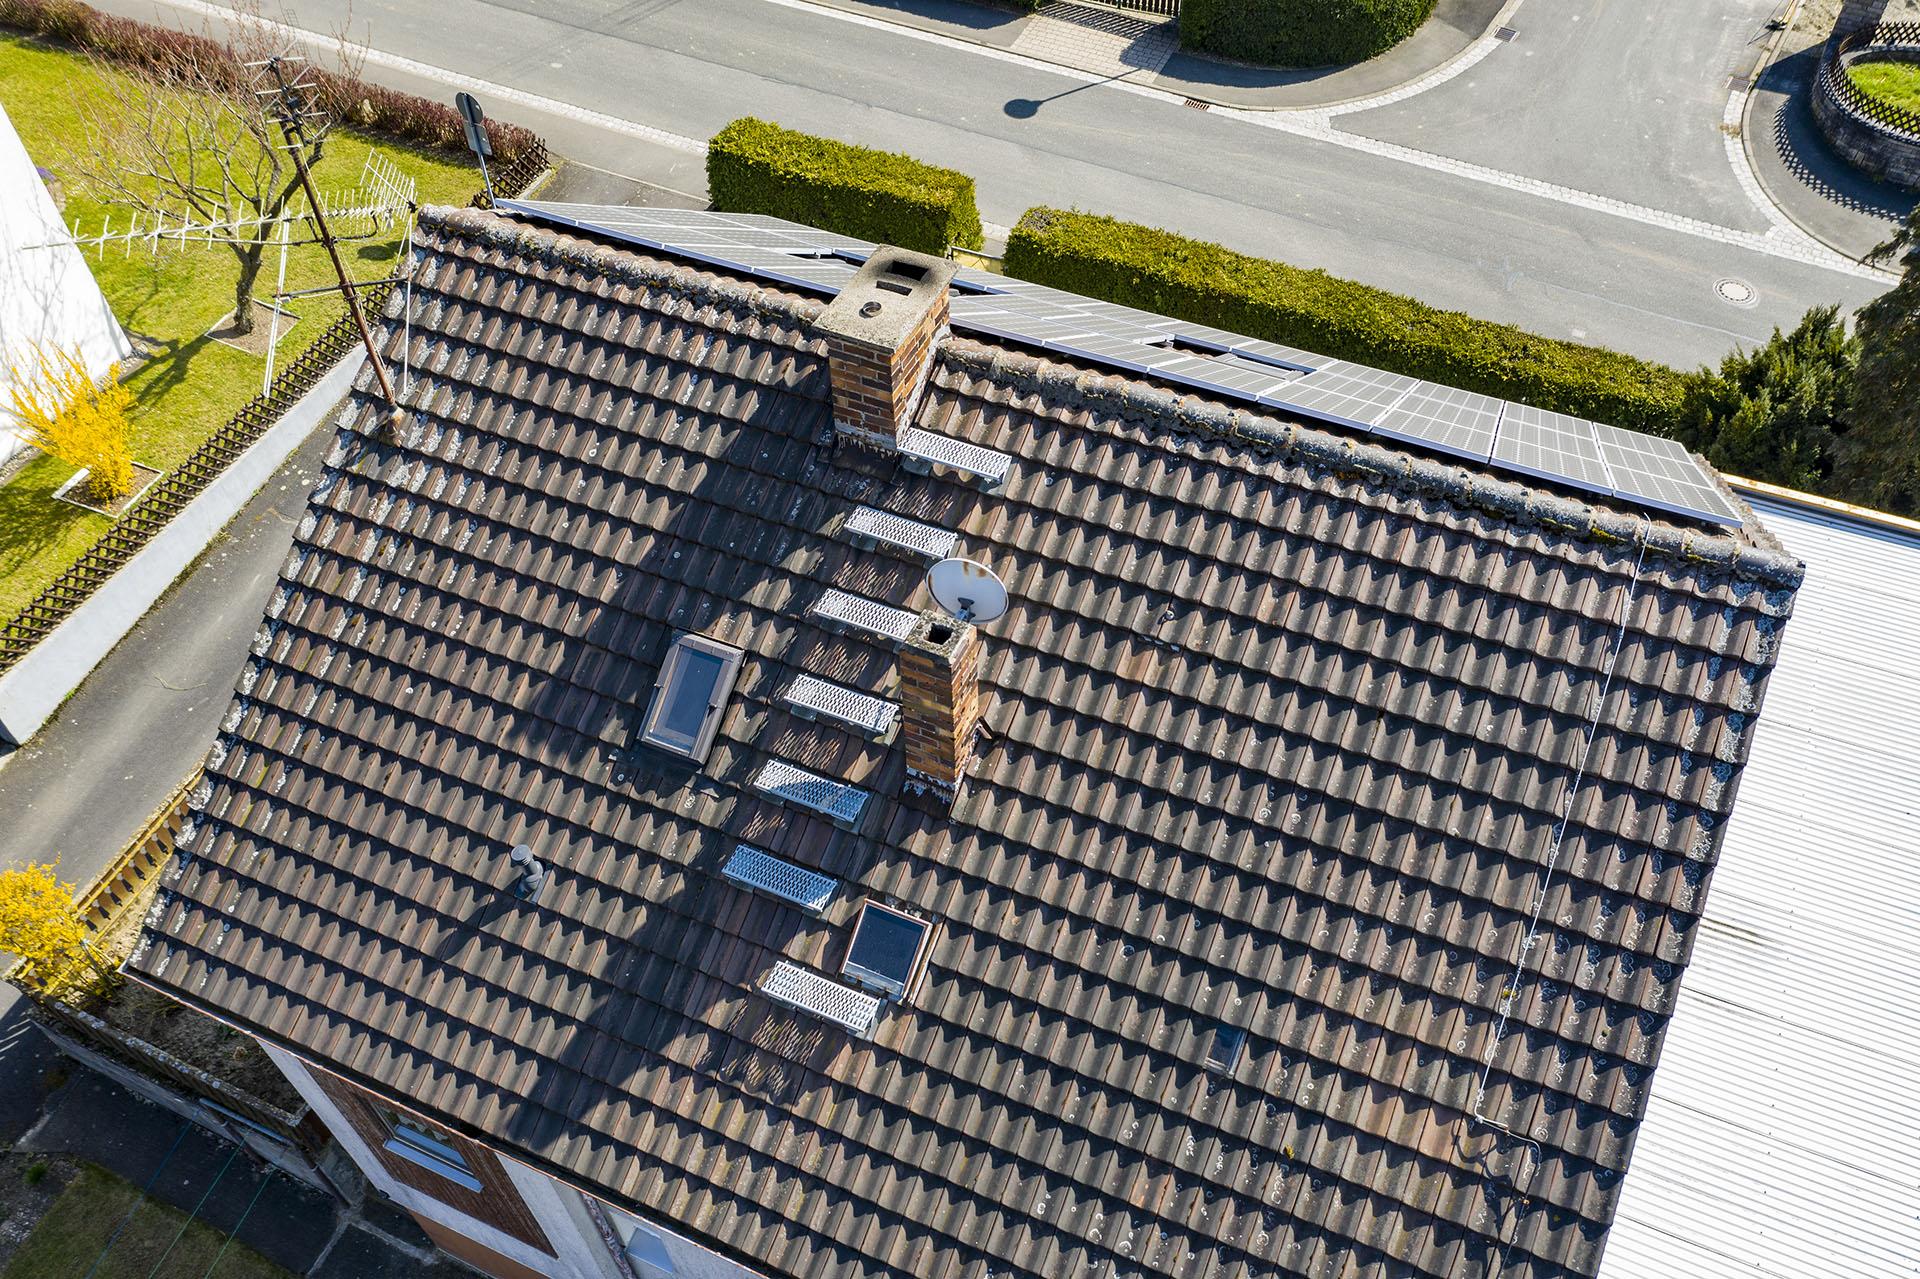 Dachkontrolle mit Luftaufnahme durch Drohne